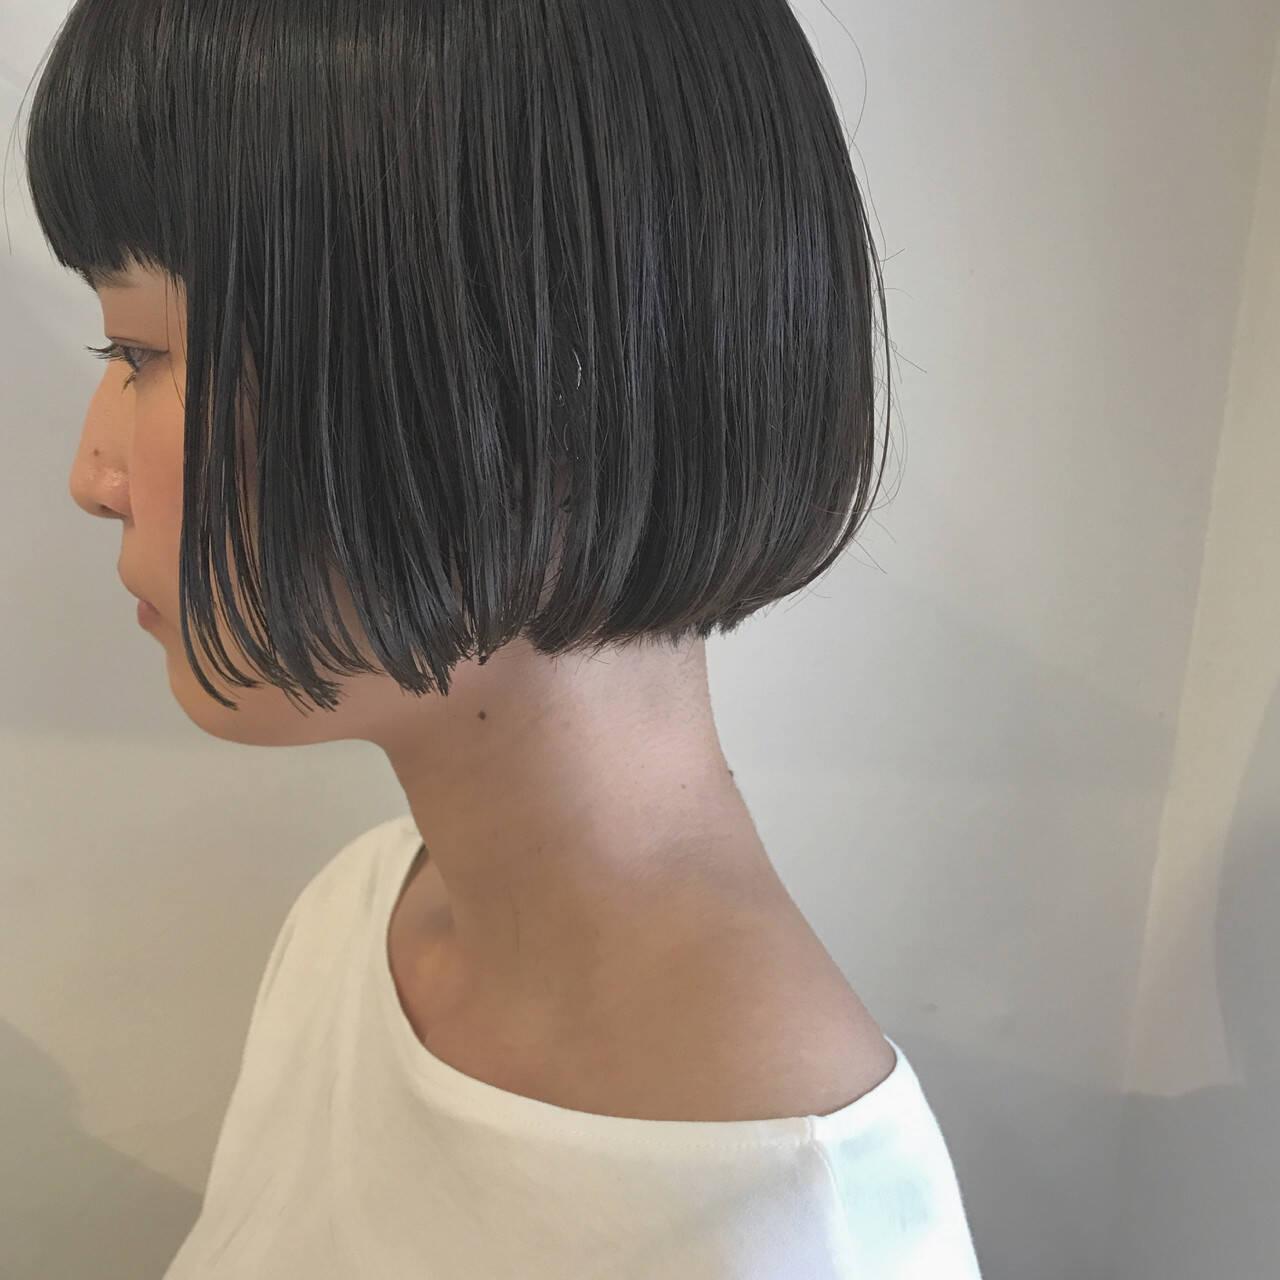 ナチュラル 透明感 ショート ショートボブヘアスタイルや髪型の写真・画像